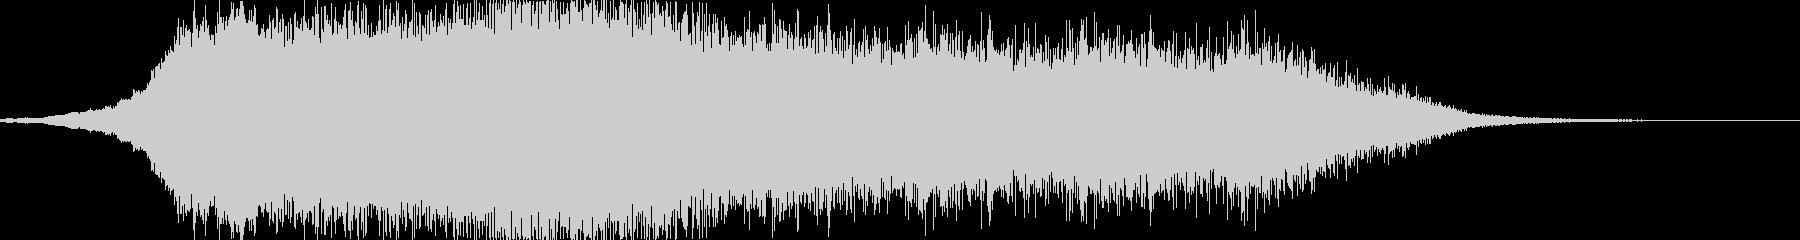 パワースイープバージョン1の未再生の波形